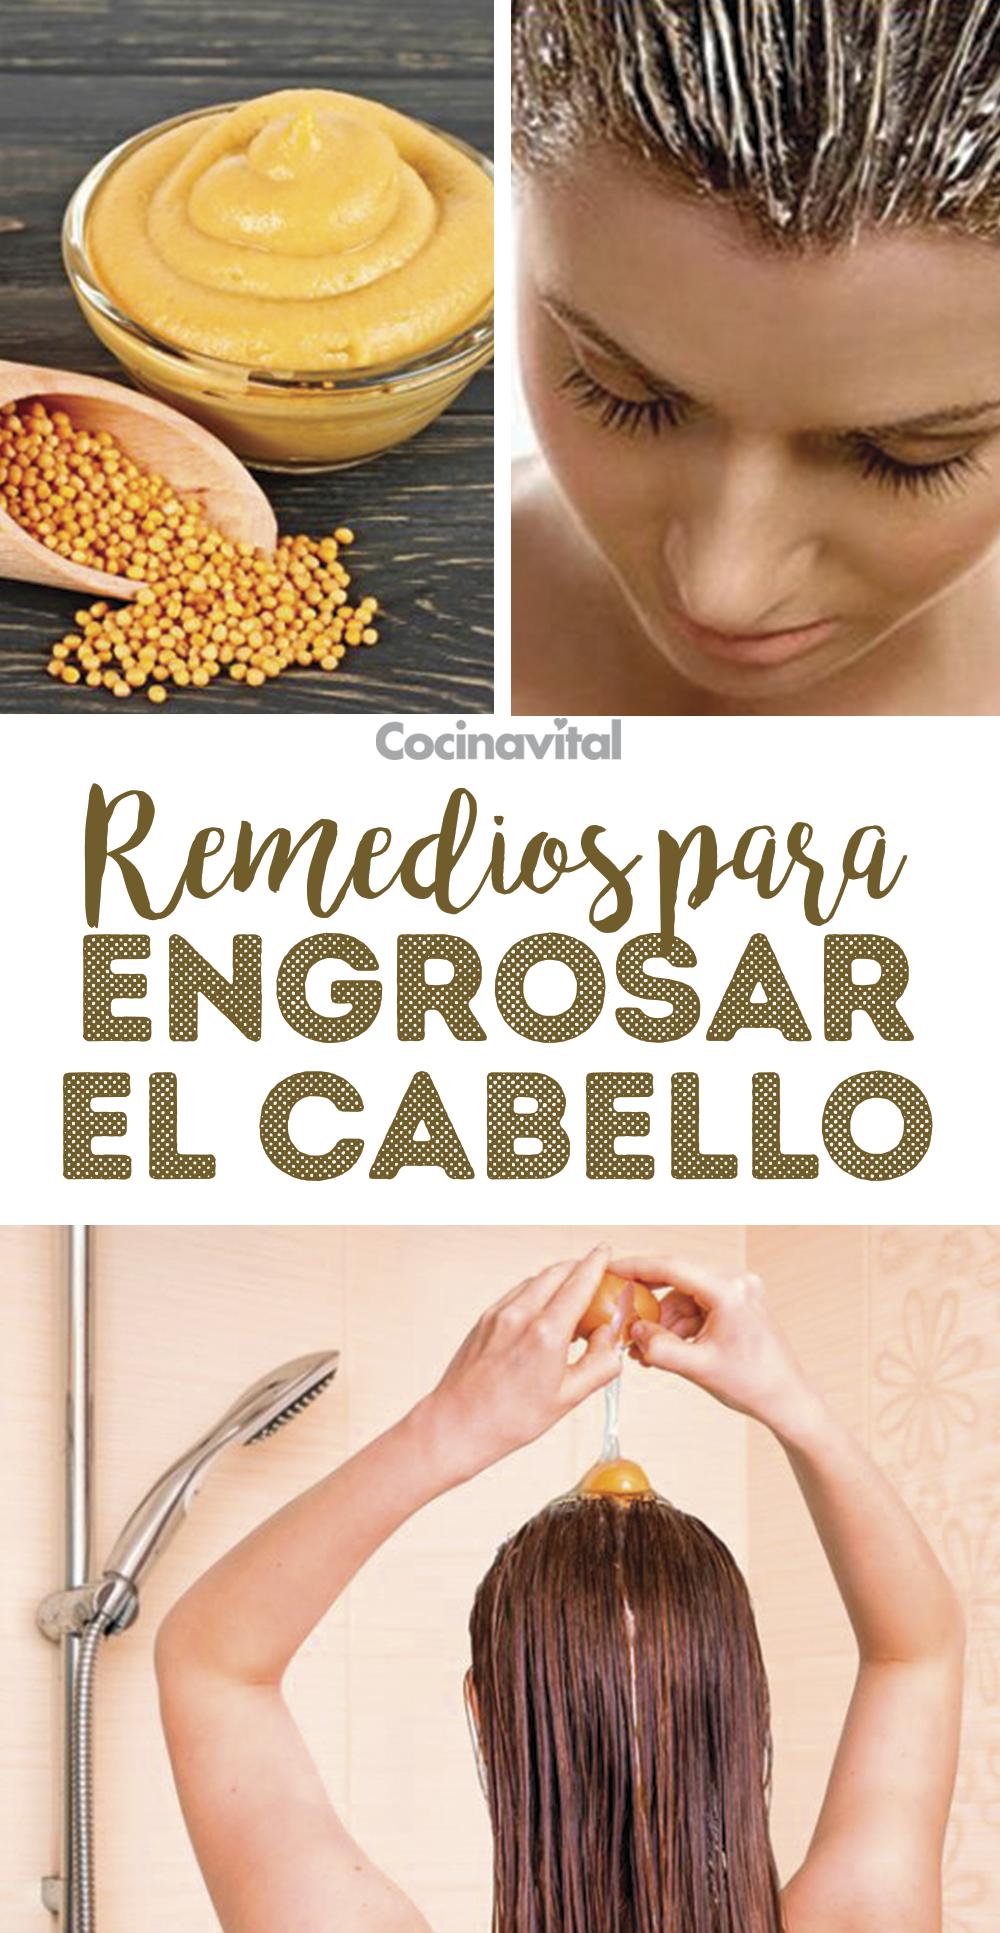 Cómo Engrosar El Cabello Con Remedios Naturales Engrosar El Cabello Tratamientos Naturales Para Cabello Remedios Para El Pelo